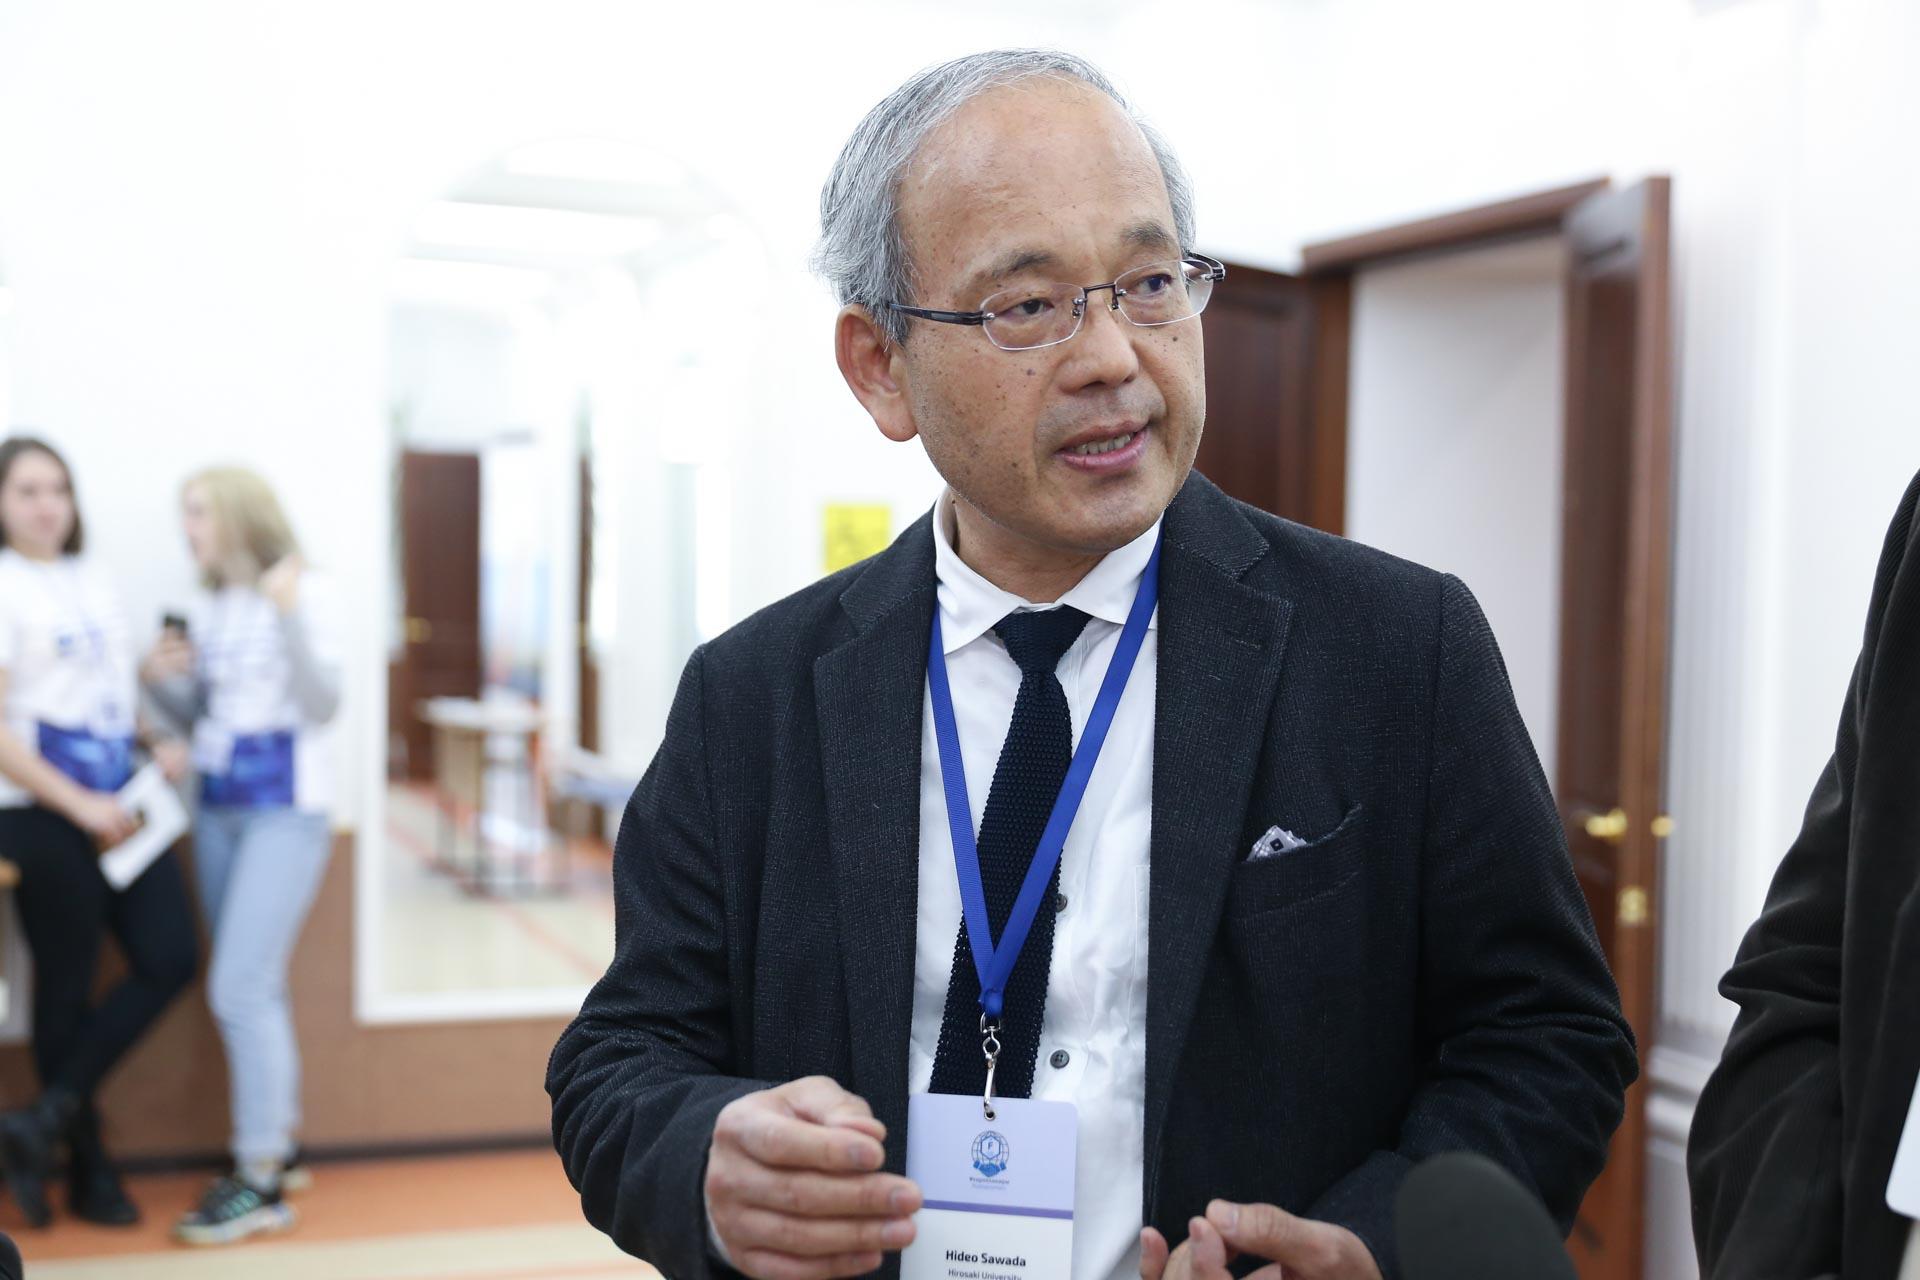 Хидео Савада